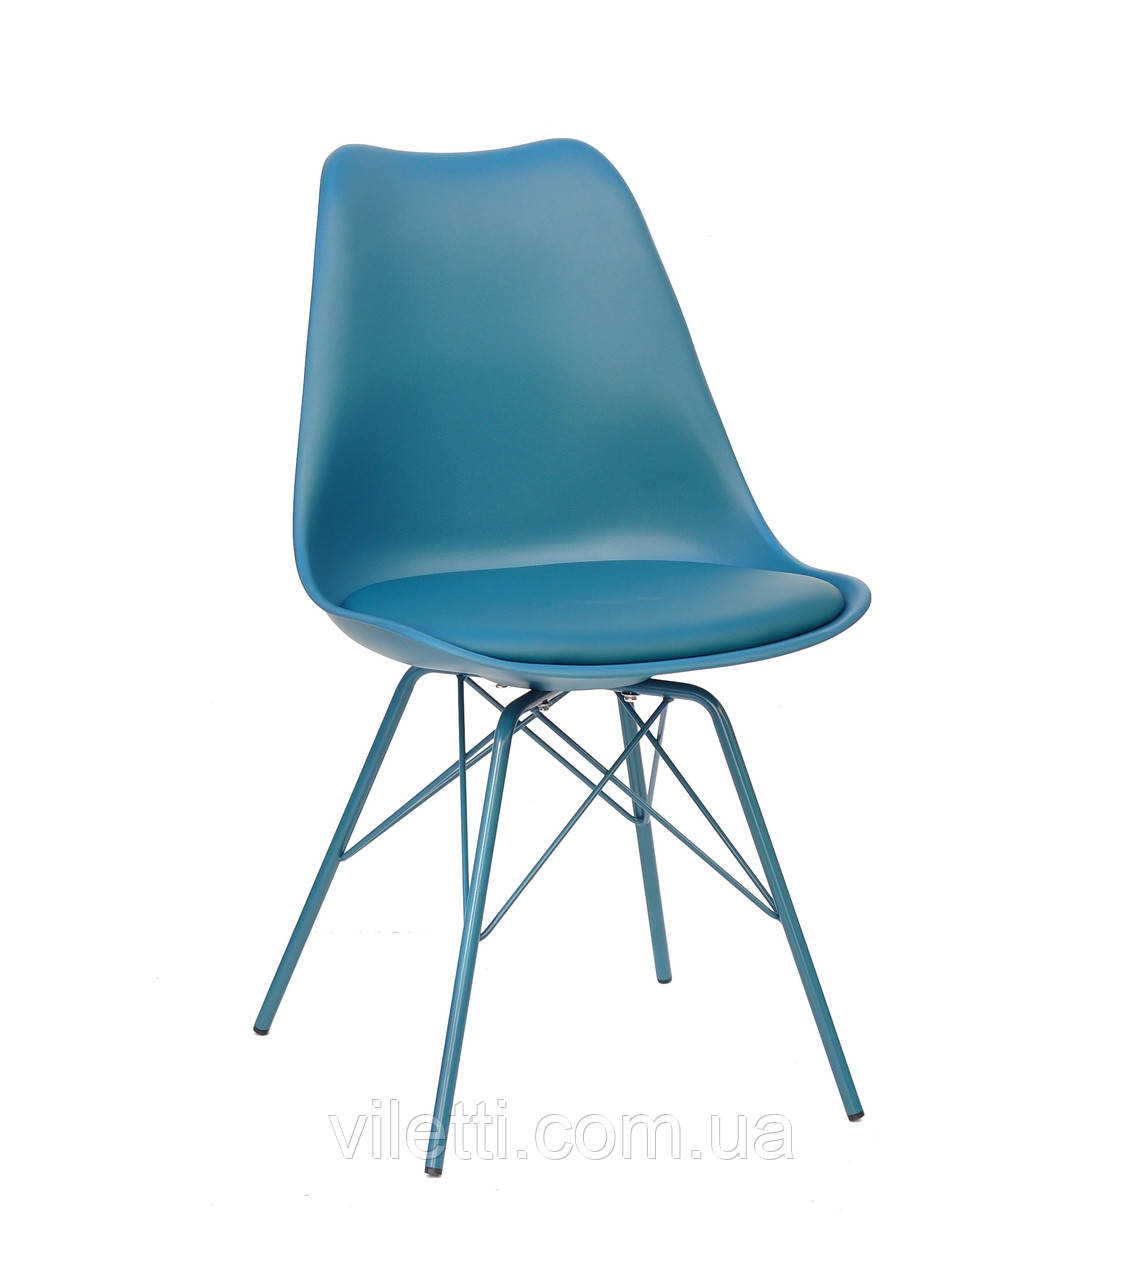 Зелений стілець на металевих ніжках Milan One з суцільнолитим пластиковим сидінням з подушкою